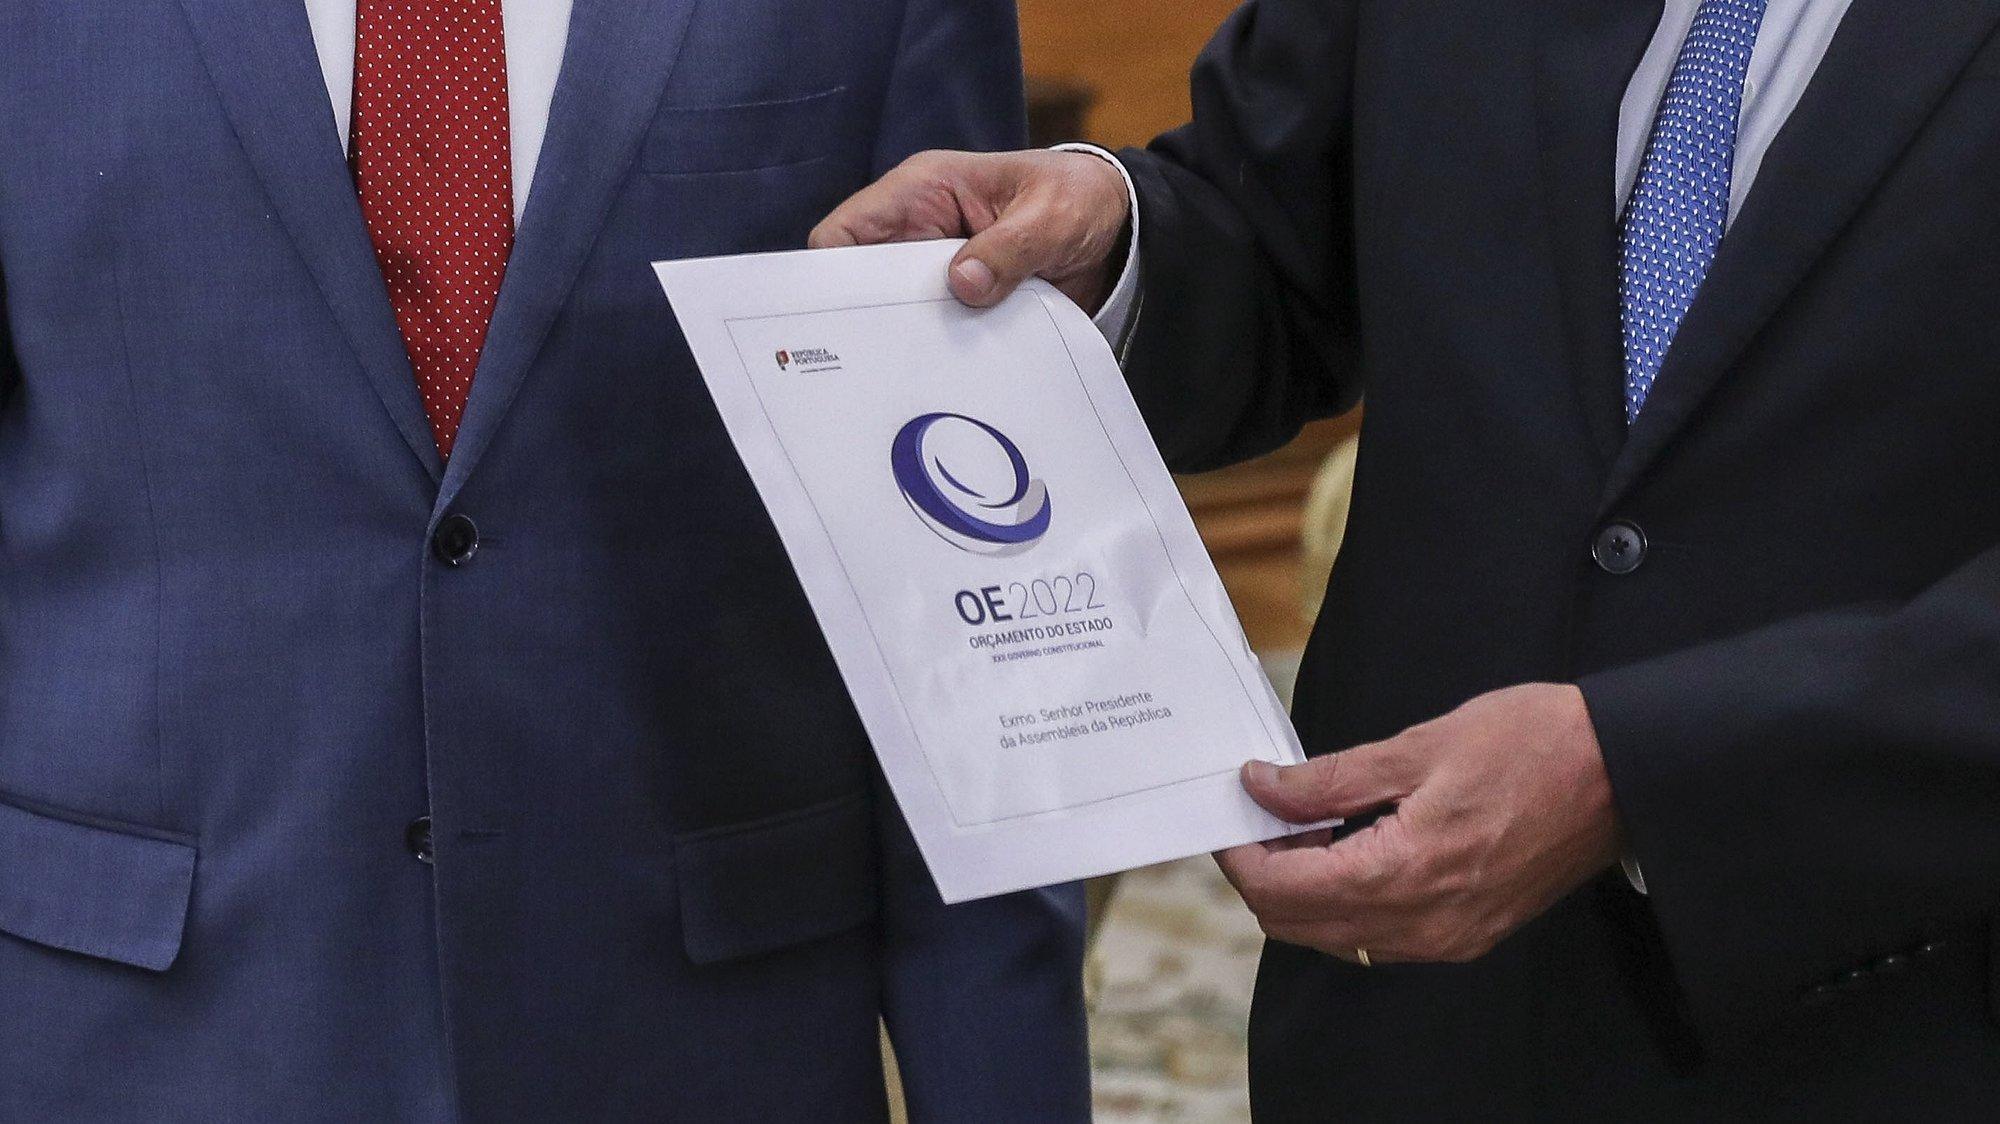 O ministro das Finanças, João Leão (E), acompanhado pelo presidente da Assembleia da República, Eduardo Ferro Rodrigues na entrega do Orçamento de Estado para 2022, na Assembleia da República, em Lisboa, 11 de outubro de 2021. MIGUEL A. LOPES/LUSA